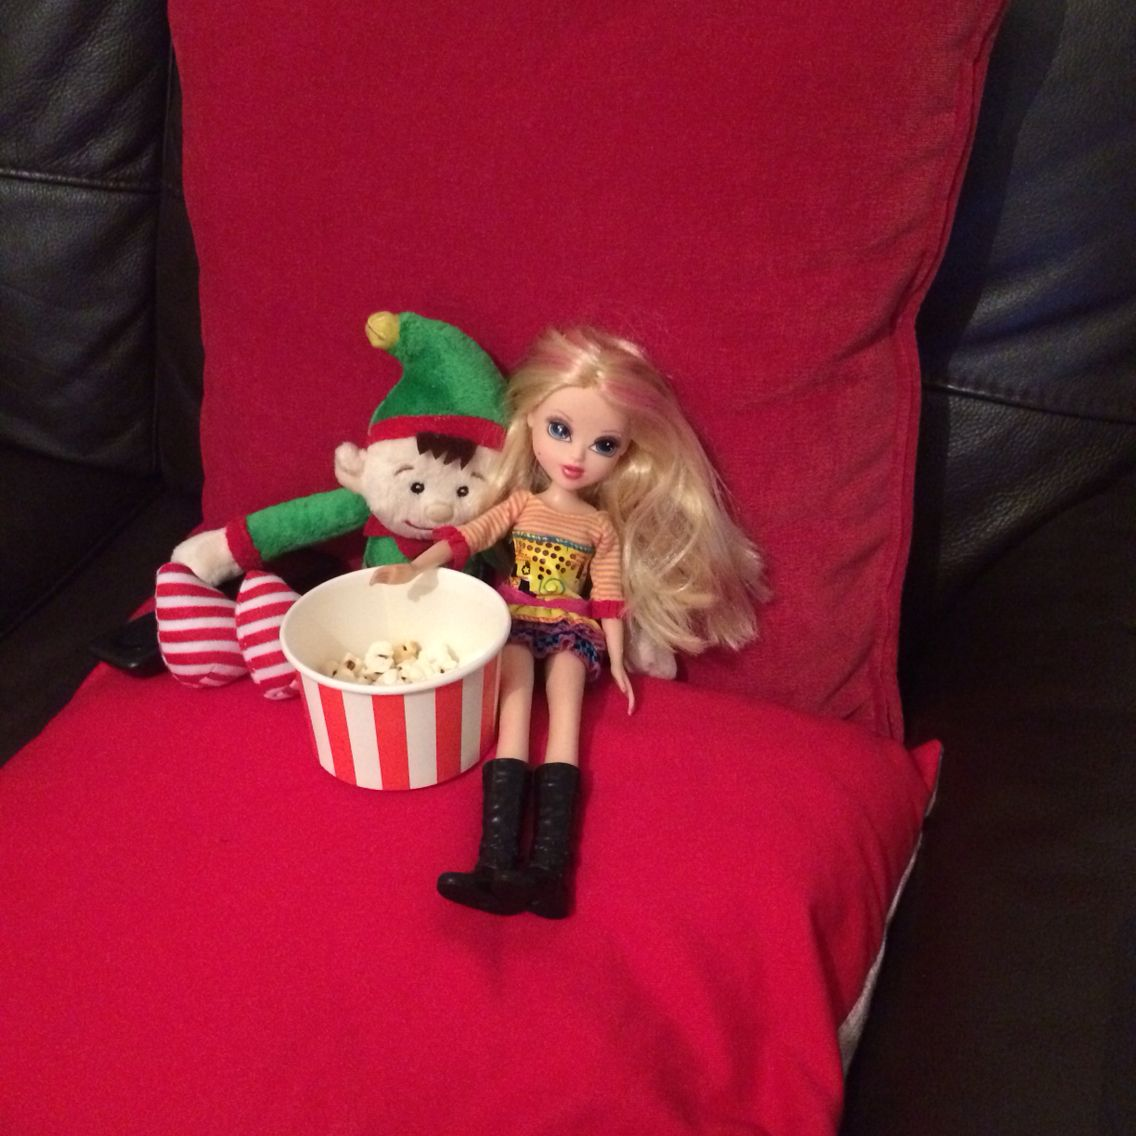 Elf dating em dating site